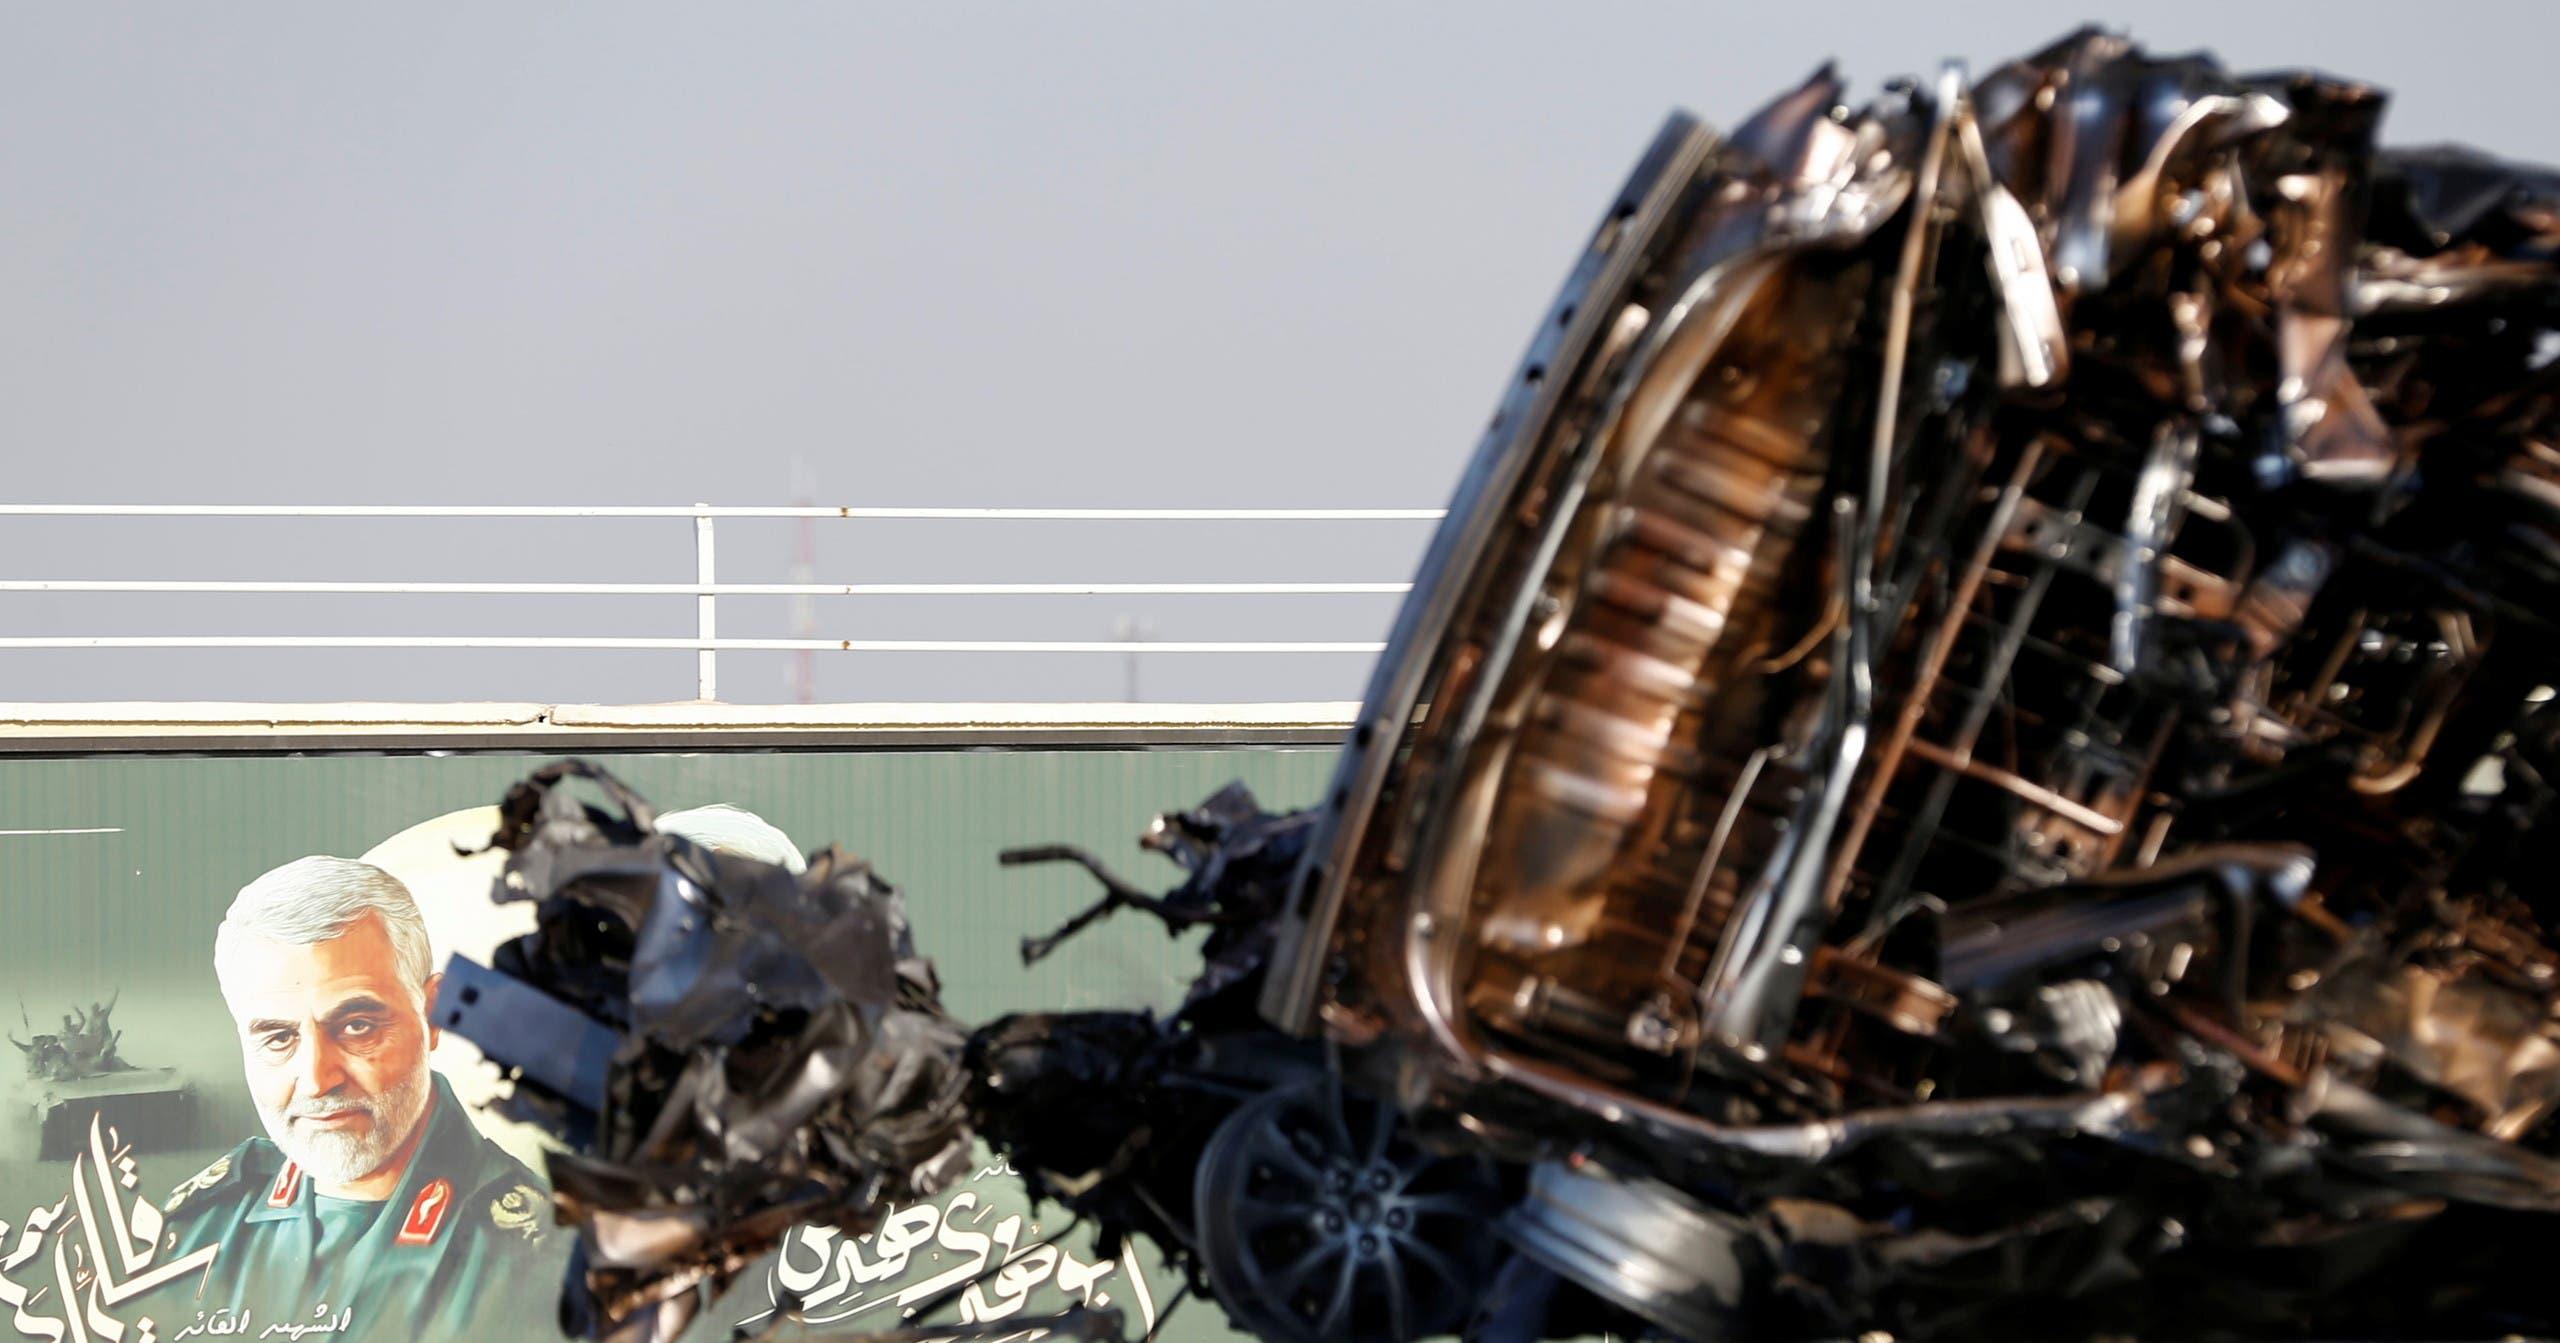 سيارة سليماني في محيط مطار بغداد (أرشيفية- فرانس برس)